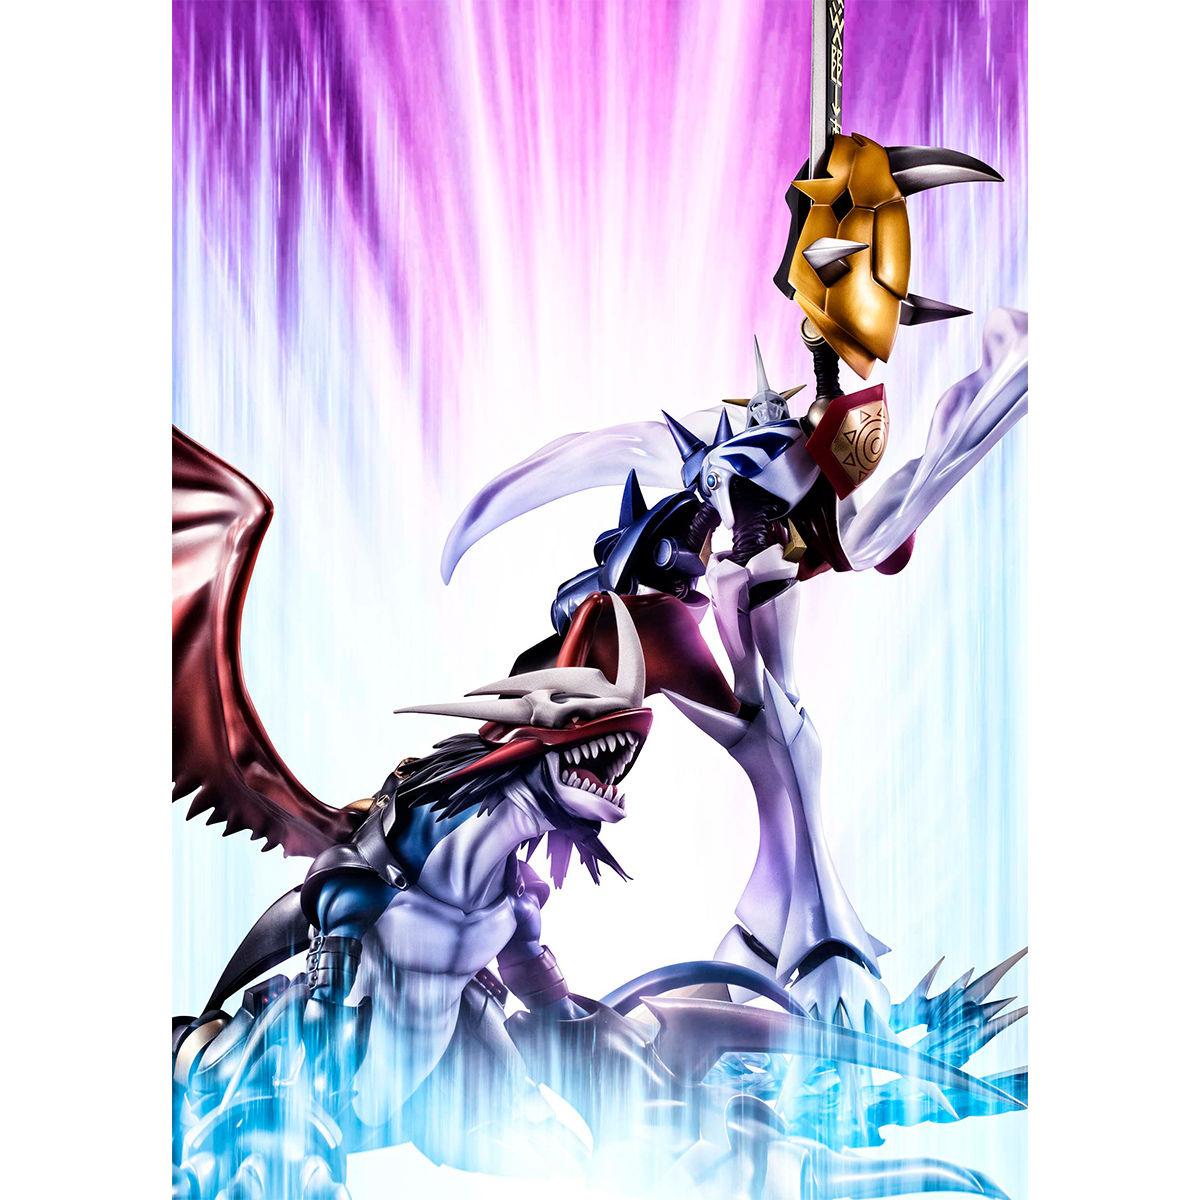 【限定販売】Precious G.E.M.シリーズ『インペリアルドラモン:ドラゴンモード』デジモンアドベンチャー02 完成品フィギュア-010